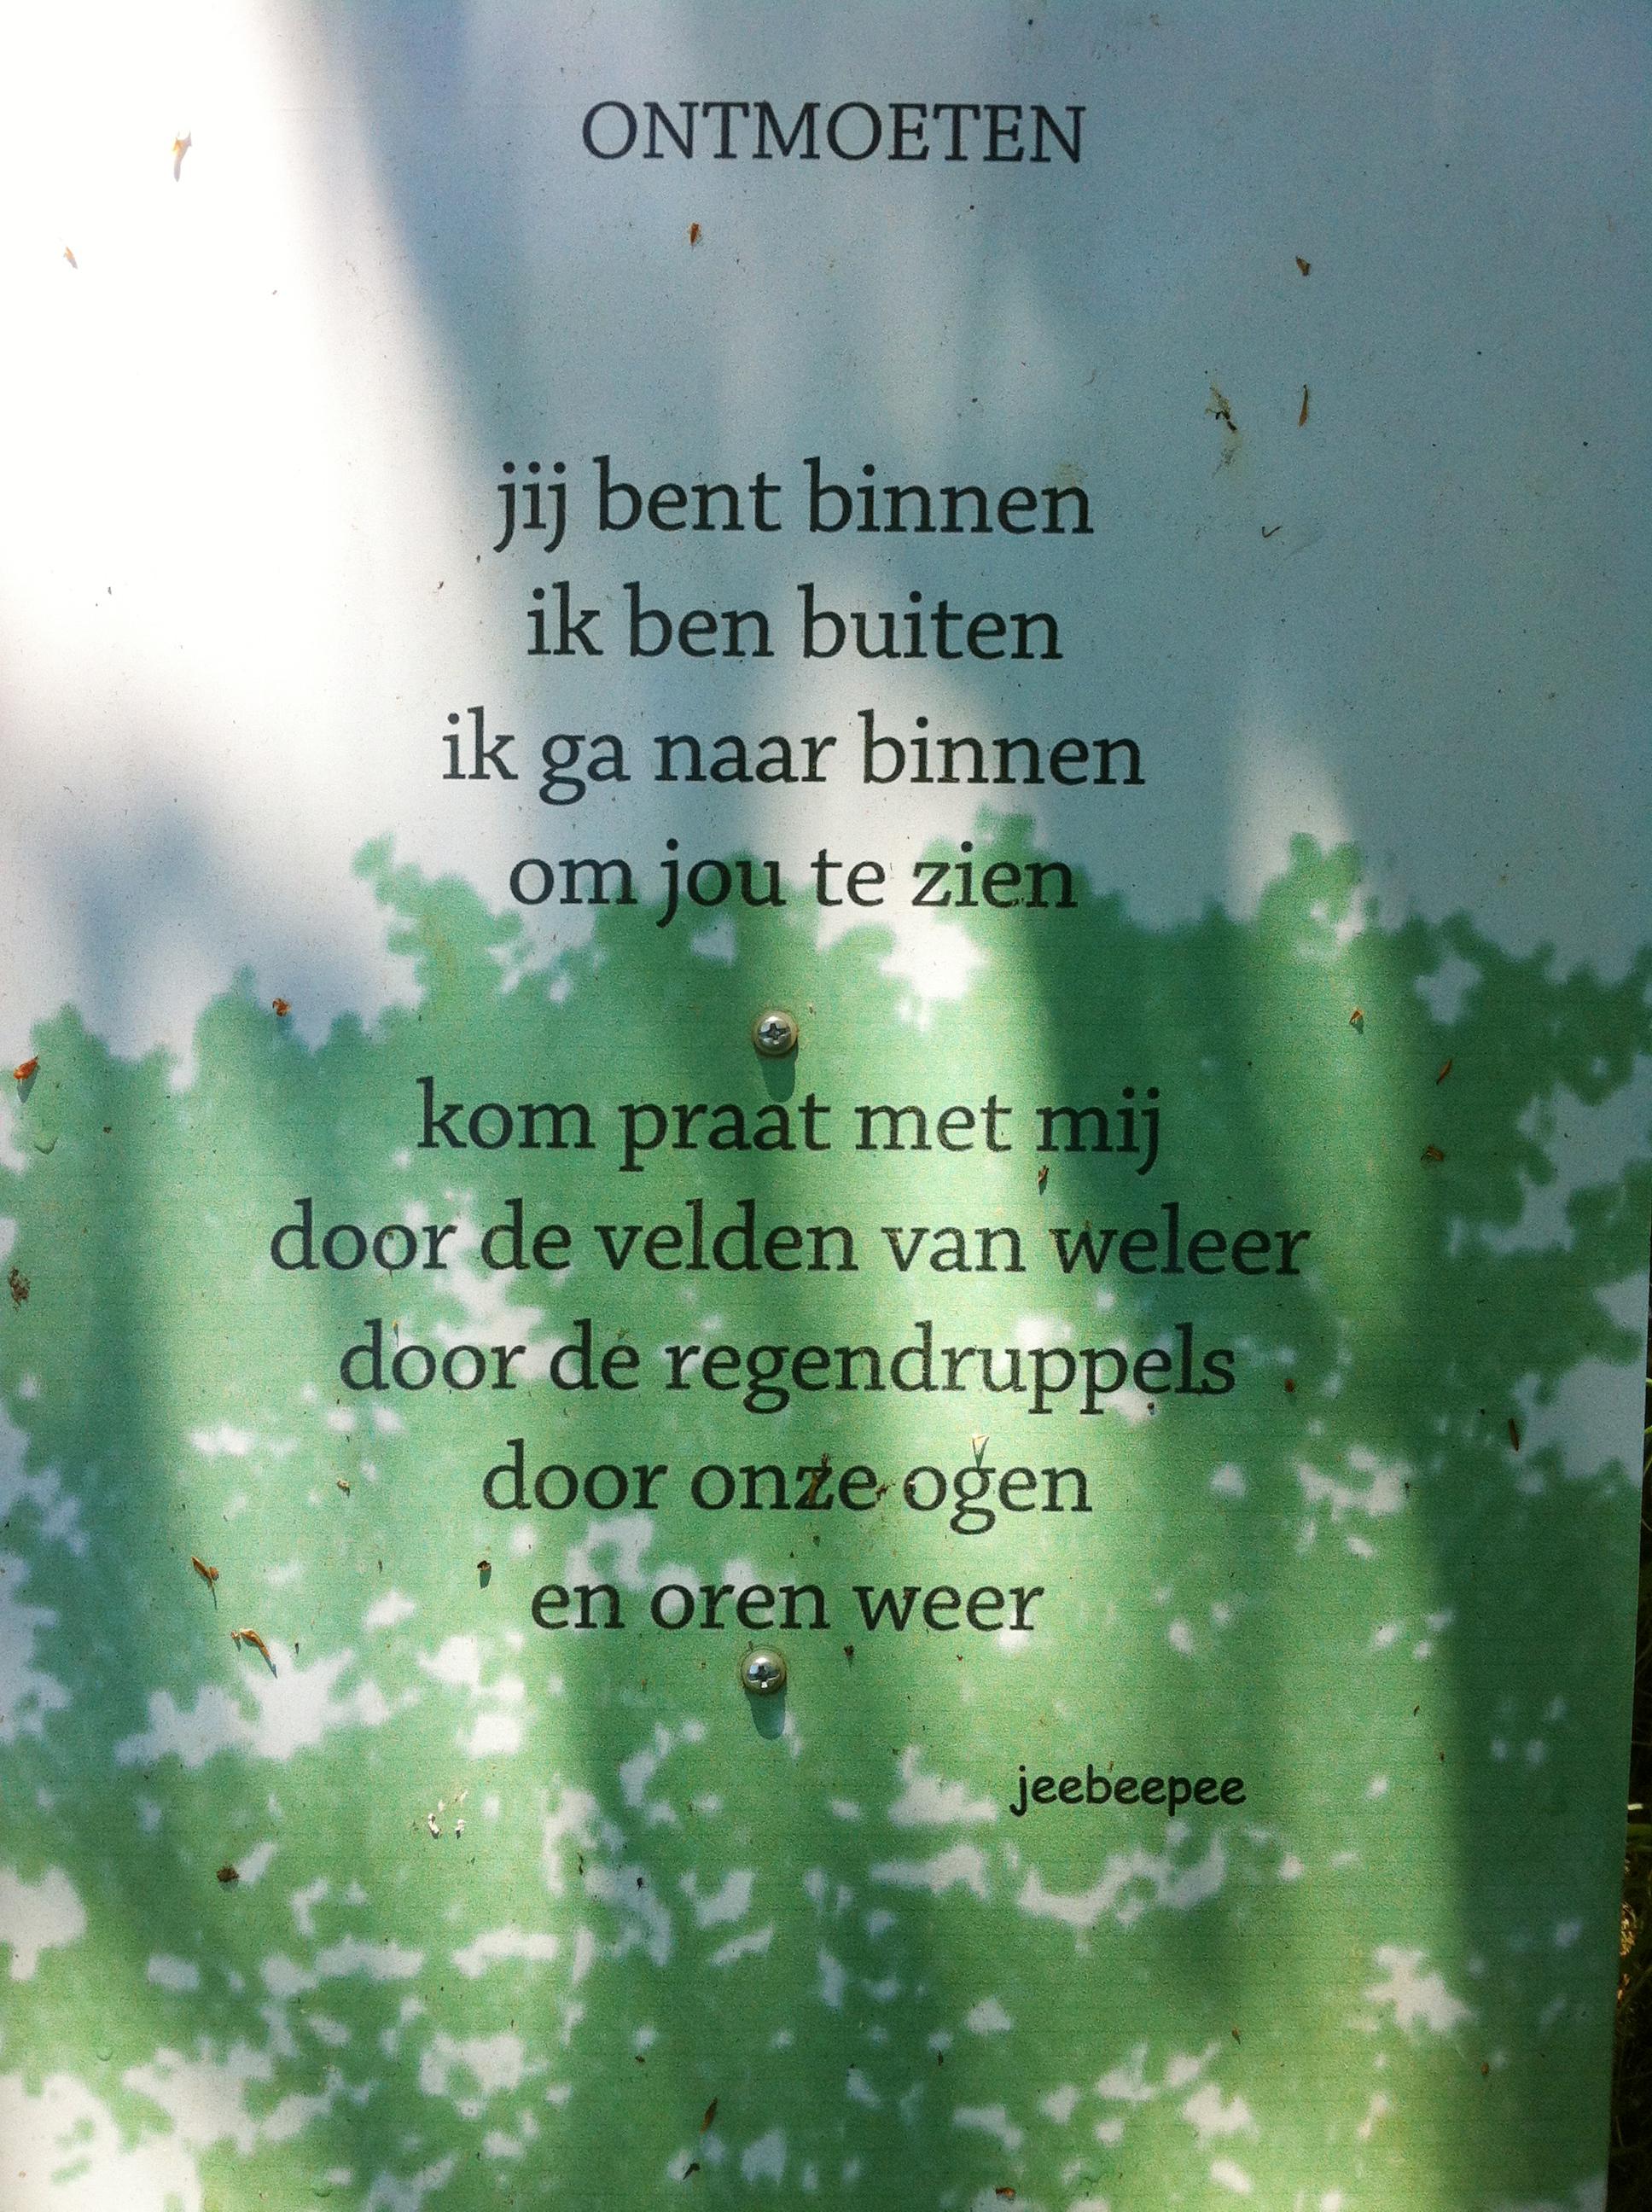 Gedichtje Ontmoeten